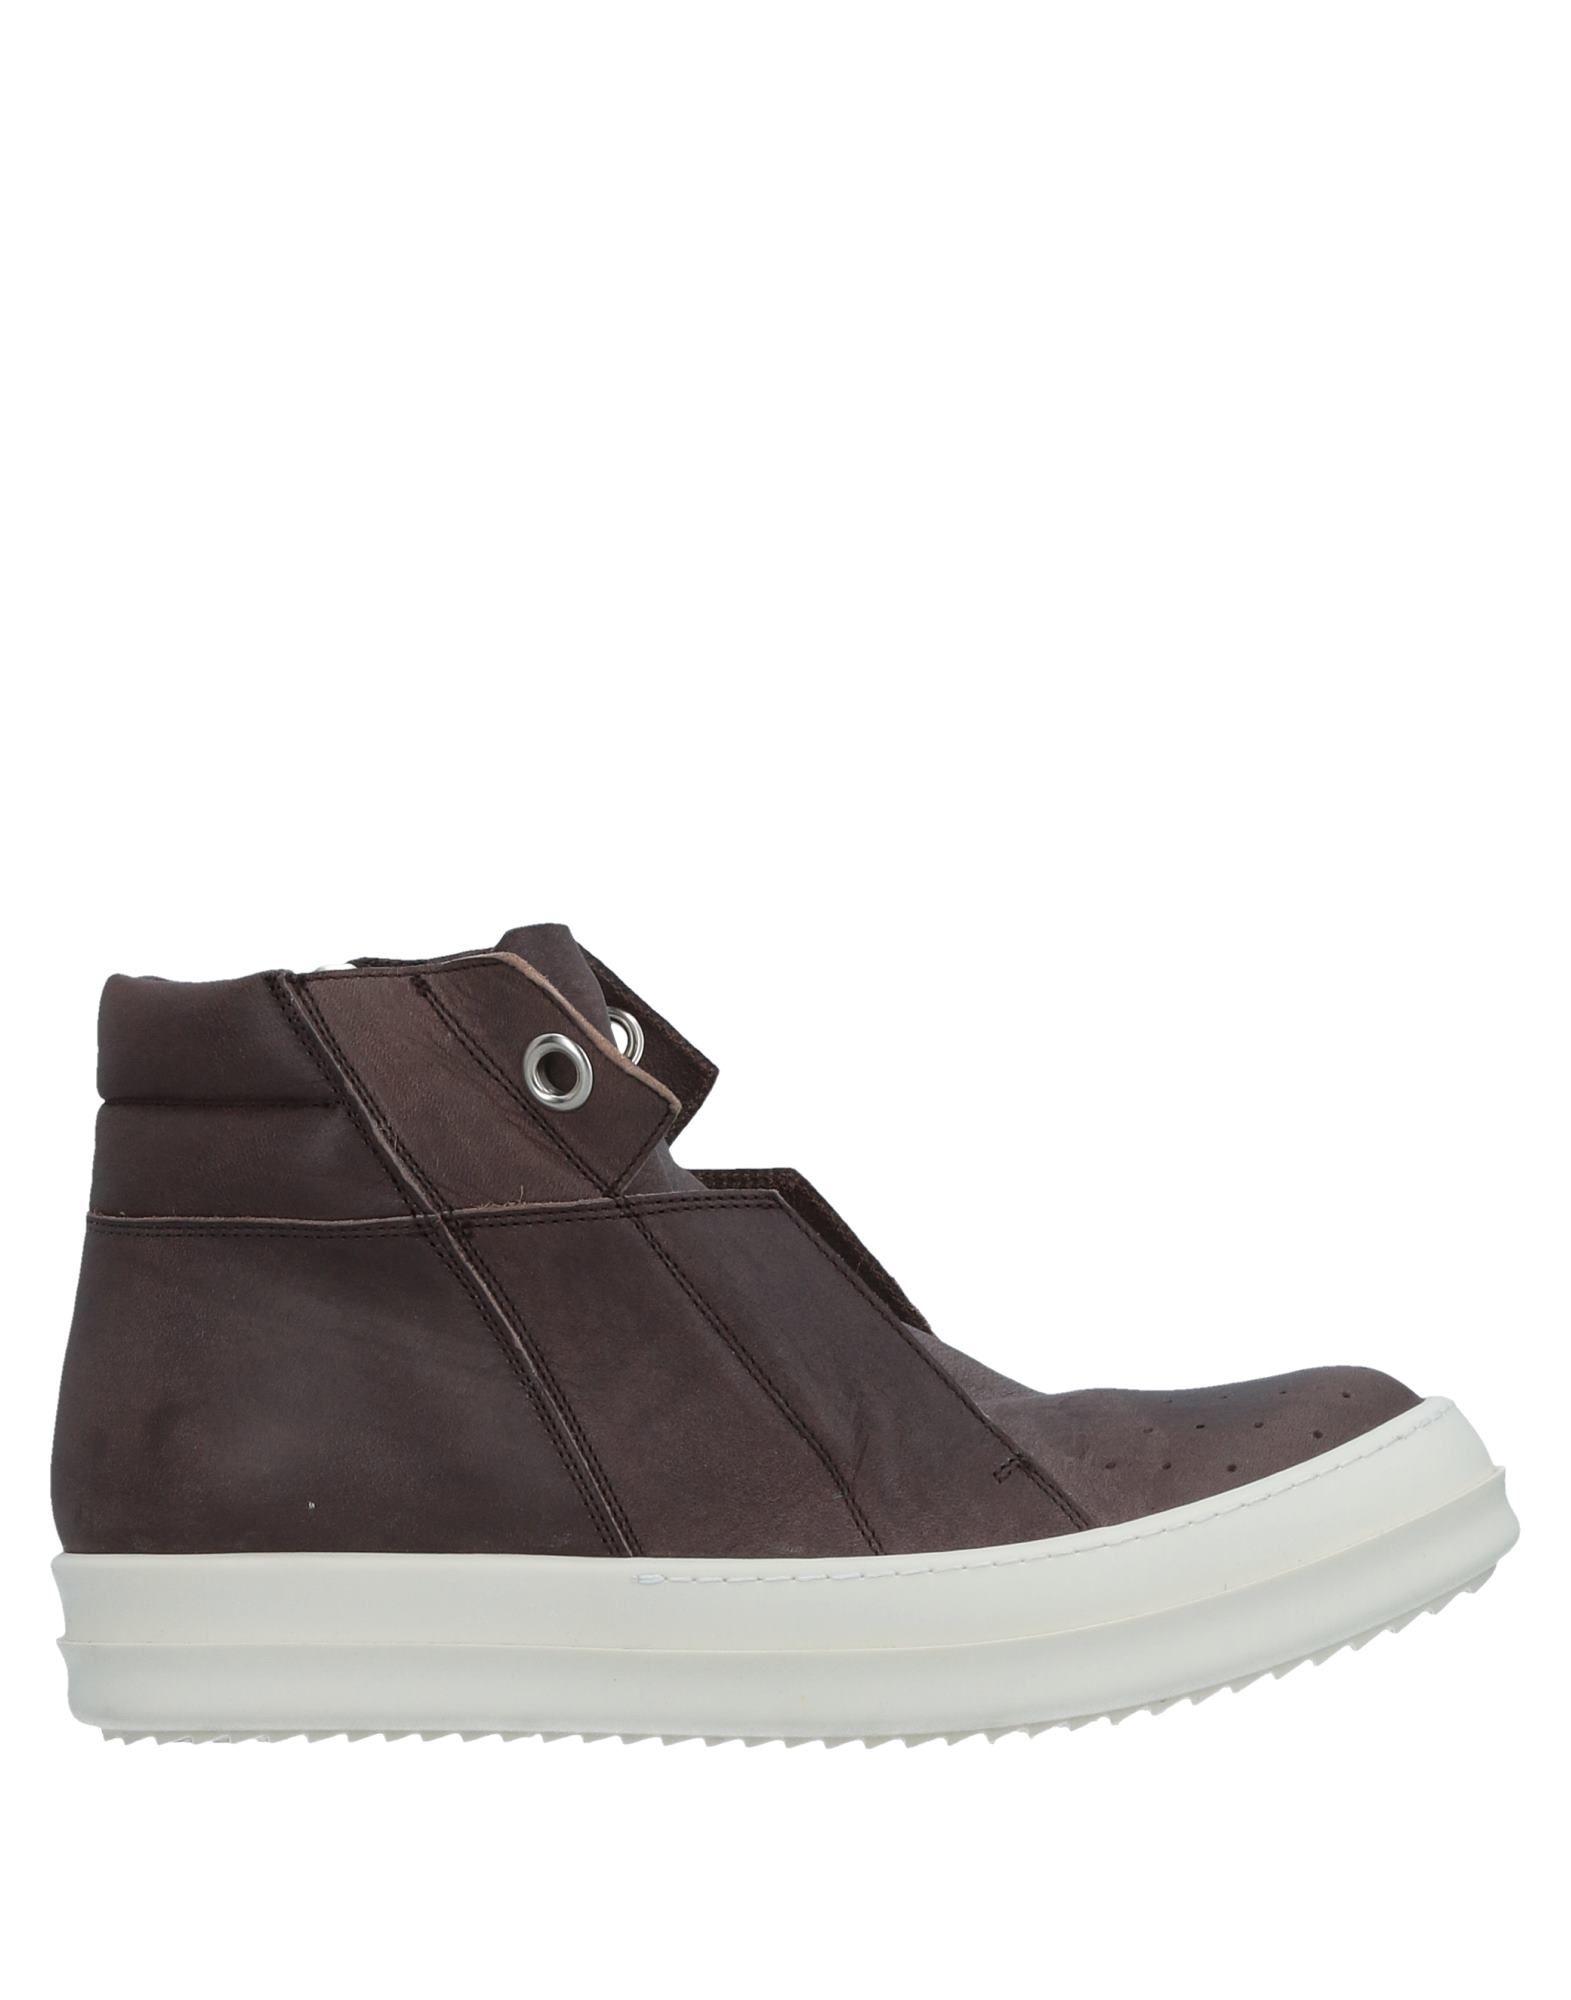 Scarpe economiche e resistenti Sneakers Rick Owens Donna